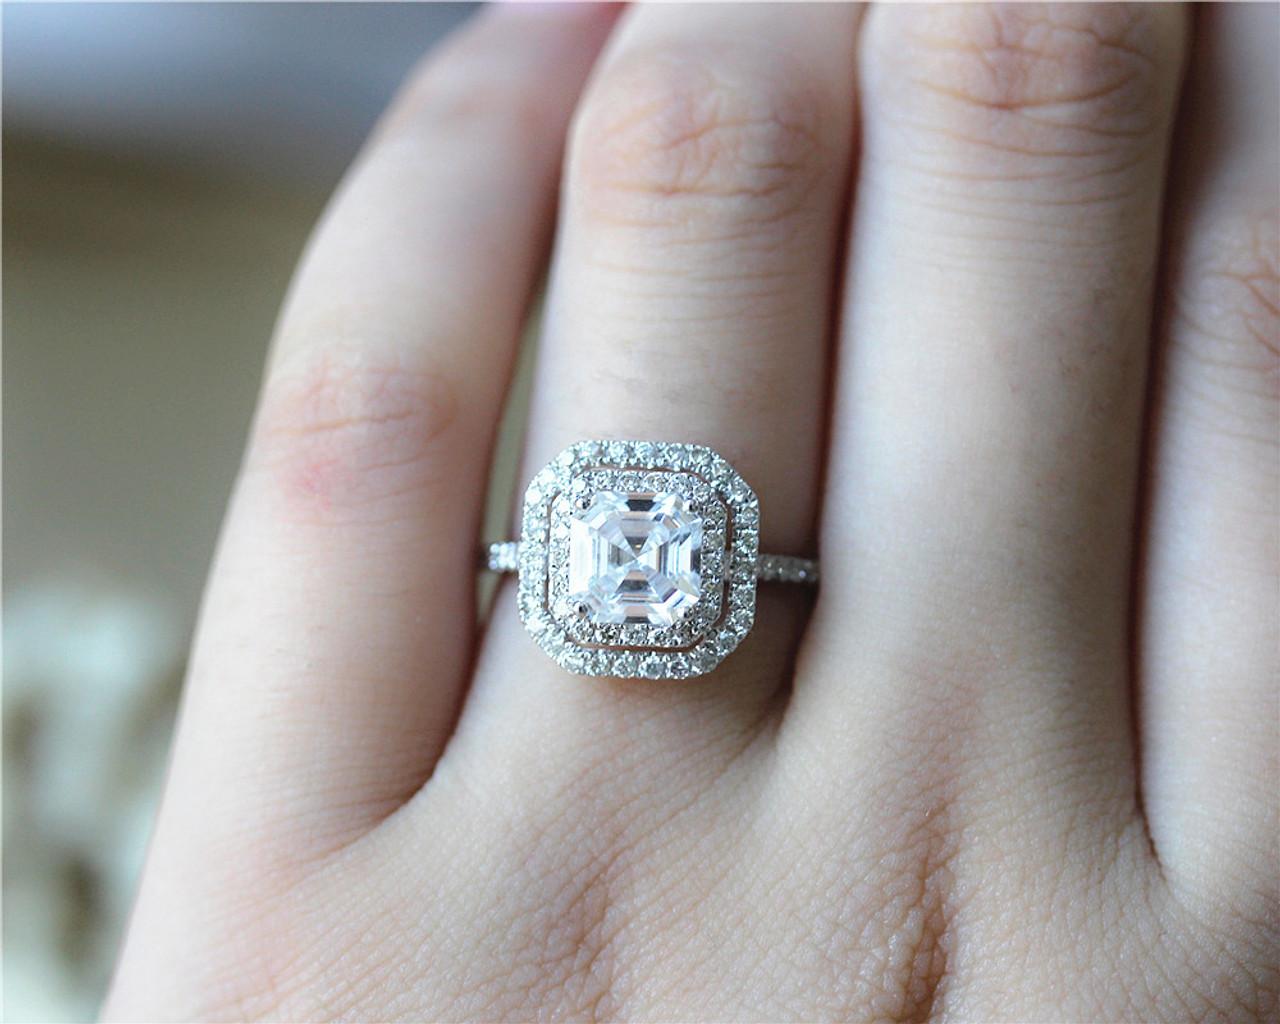 139558e733d24 Forever One Asscher Cut Charles & Colvard 6.5mm Brilliant Moissanite Ring  Solid 14K White Gold